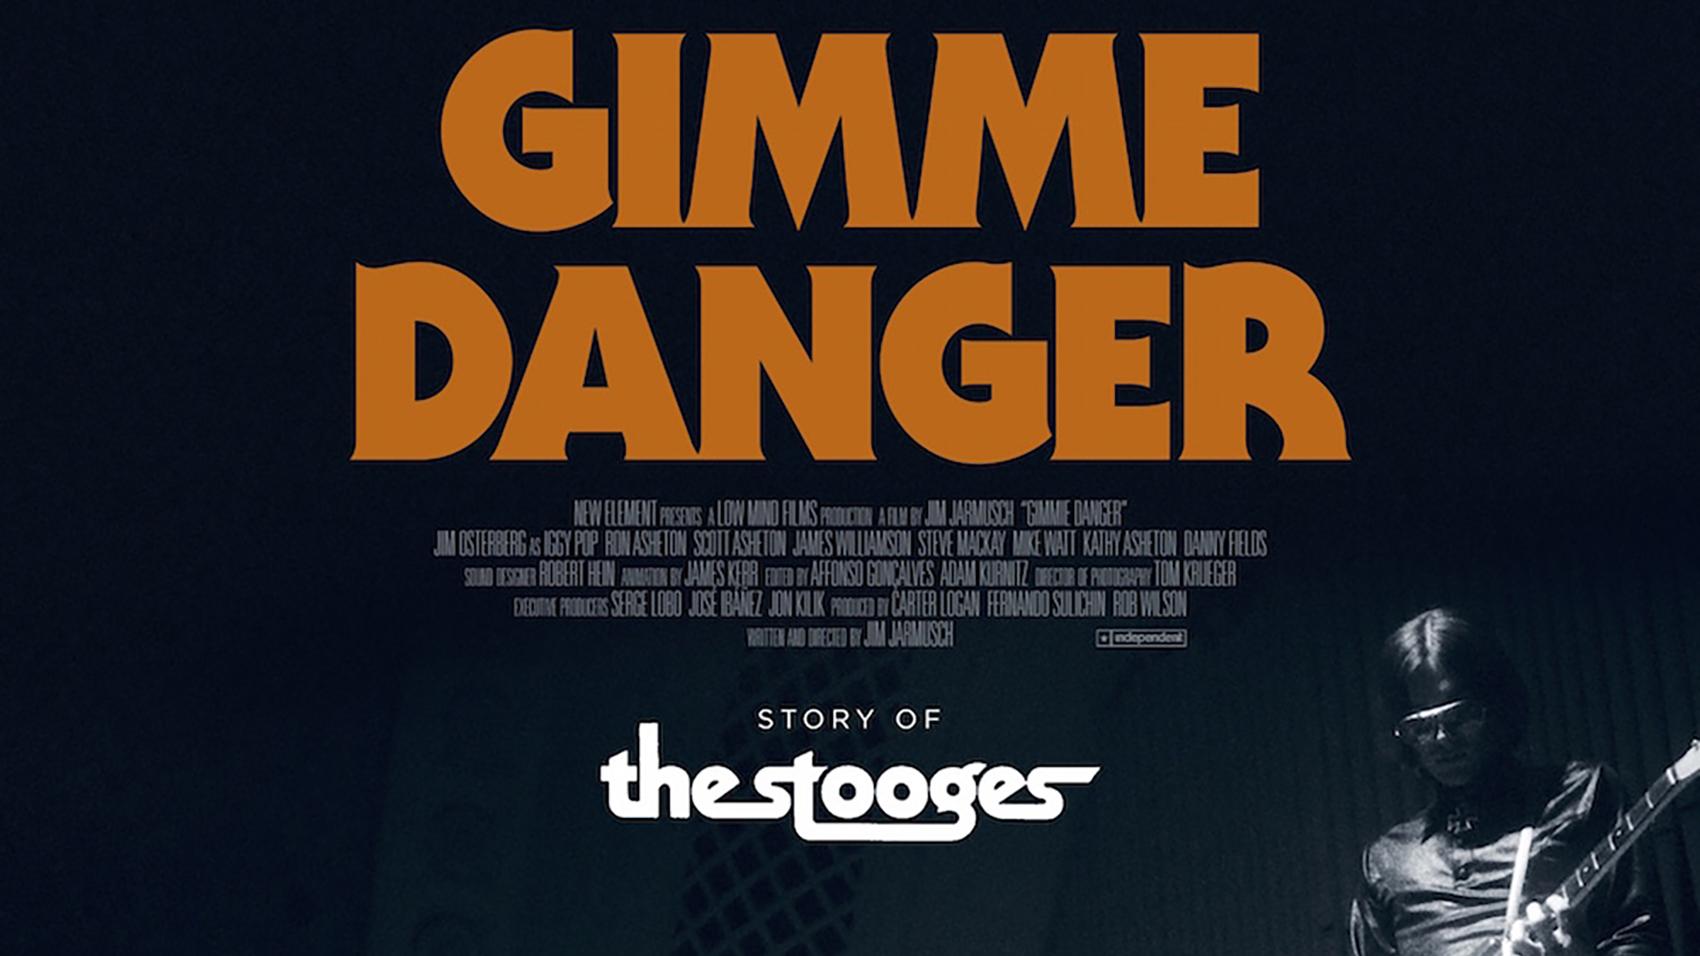 gimme-danger-1700